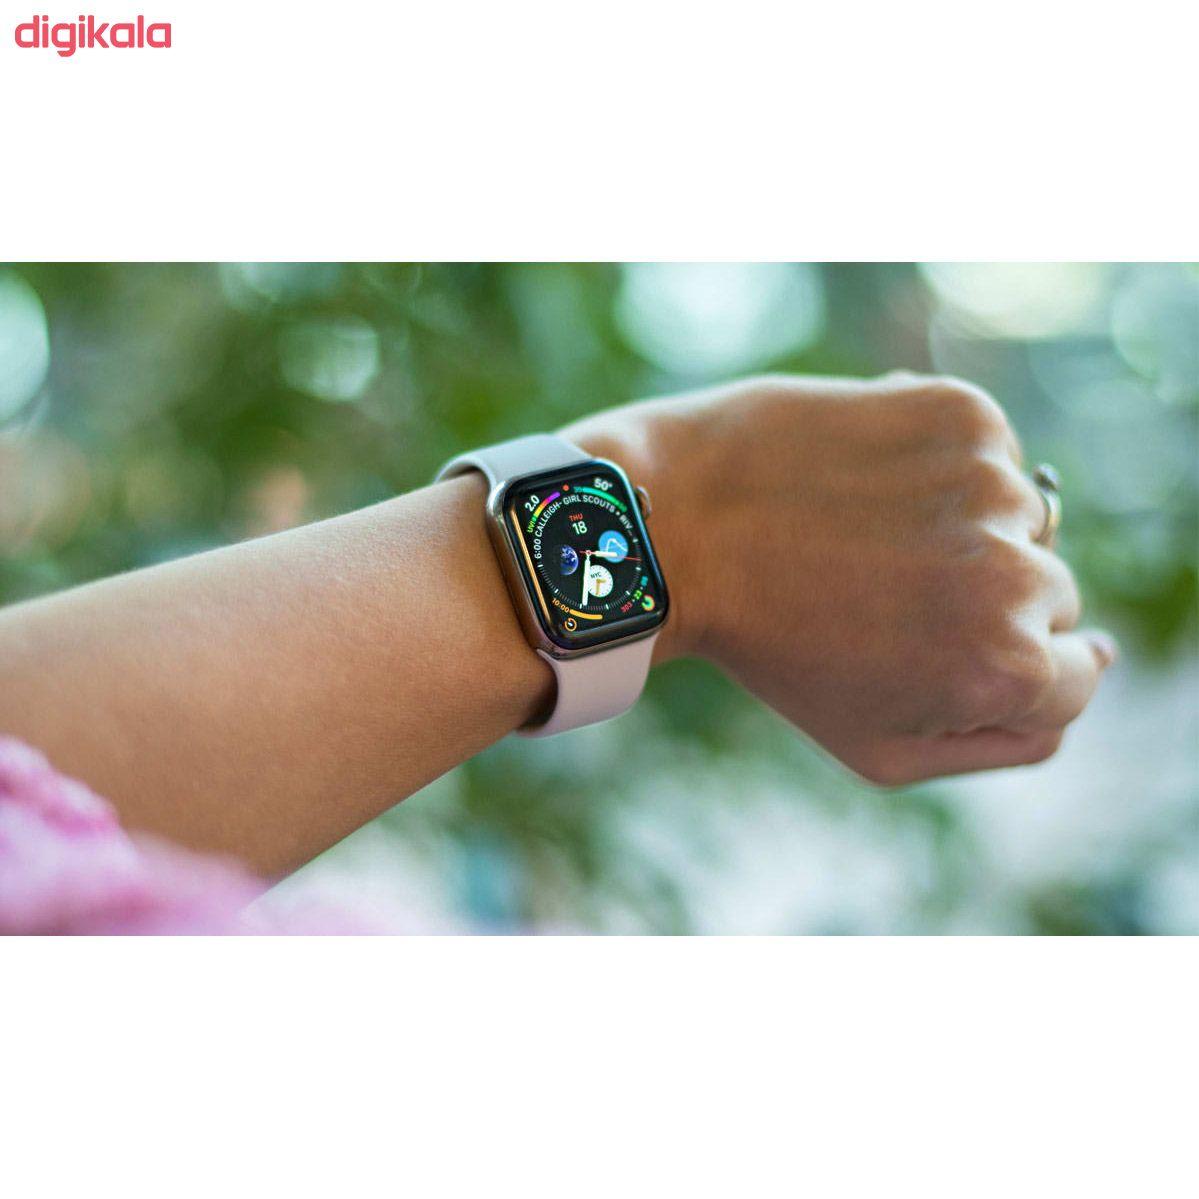 ساعت هوشمند اپل واچ سری 5 مدل 44m Space  Aluminum Case  Sport Band main 1 32